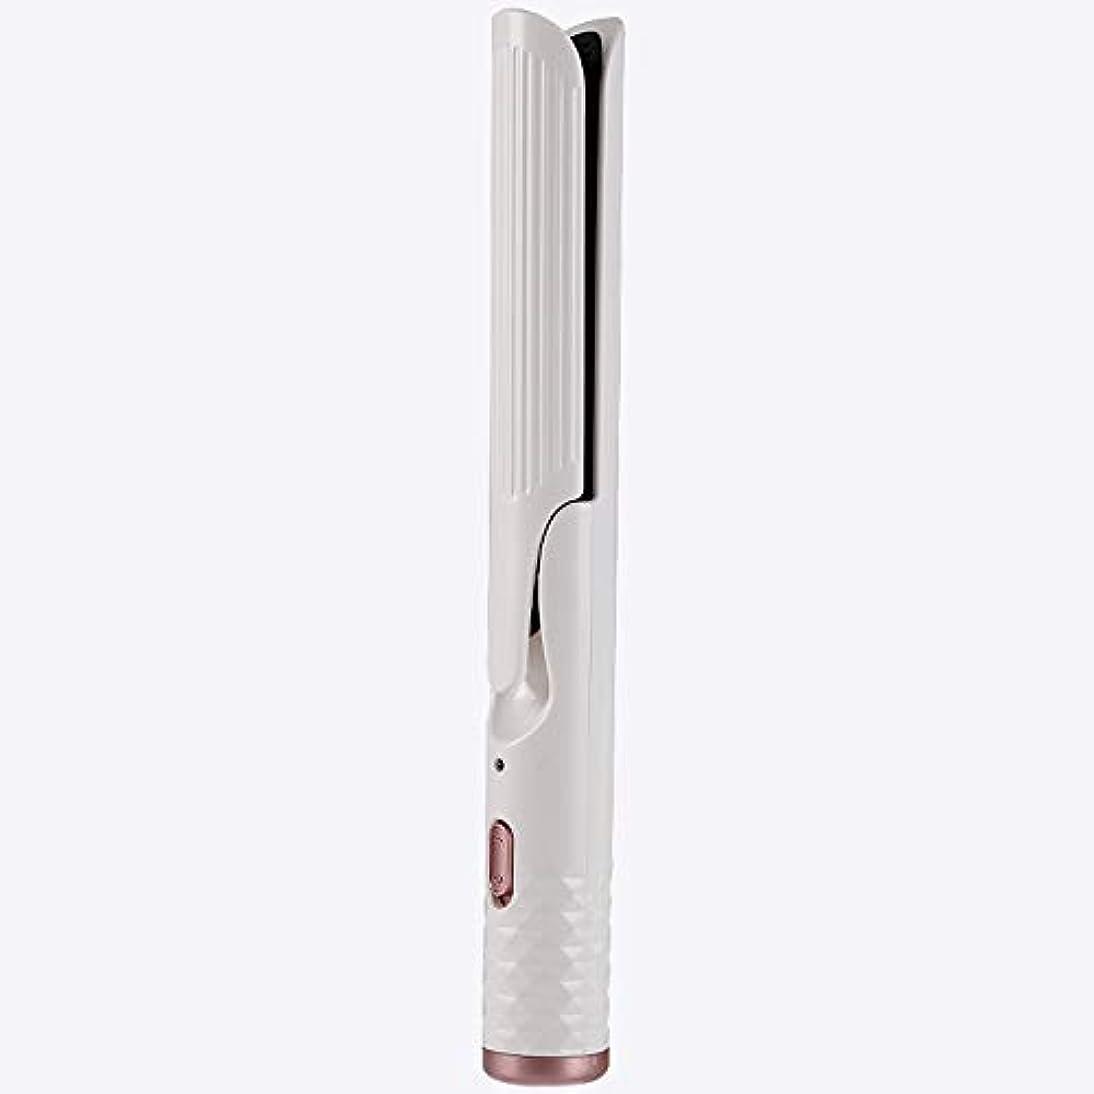 普通のヒープ反対したパーソナルケア 髪カーラー合板ストレートデュアルユースバックル自動ストレートカーリーヘア大韓国学生エッグロールヘッド (Color : B)